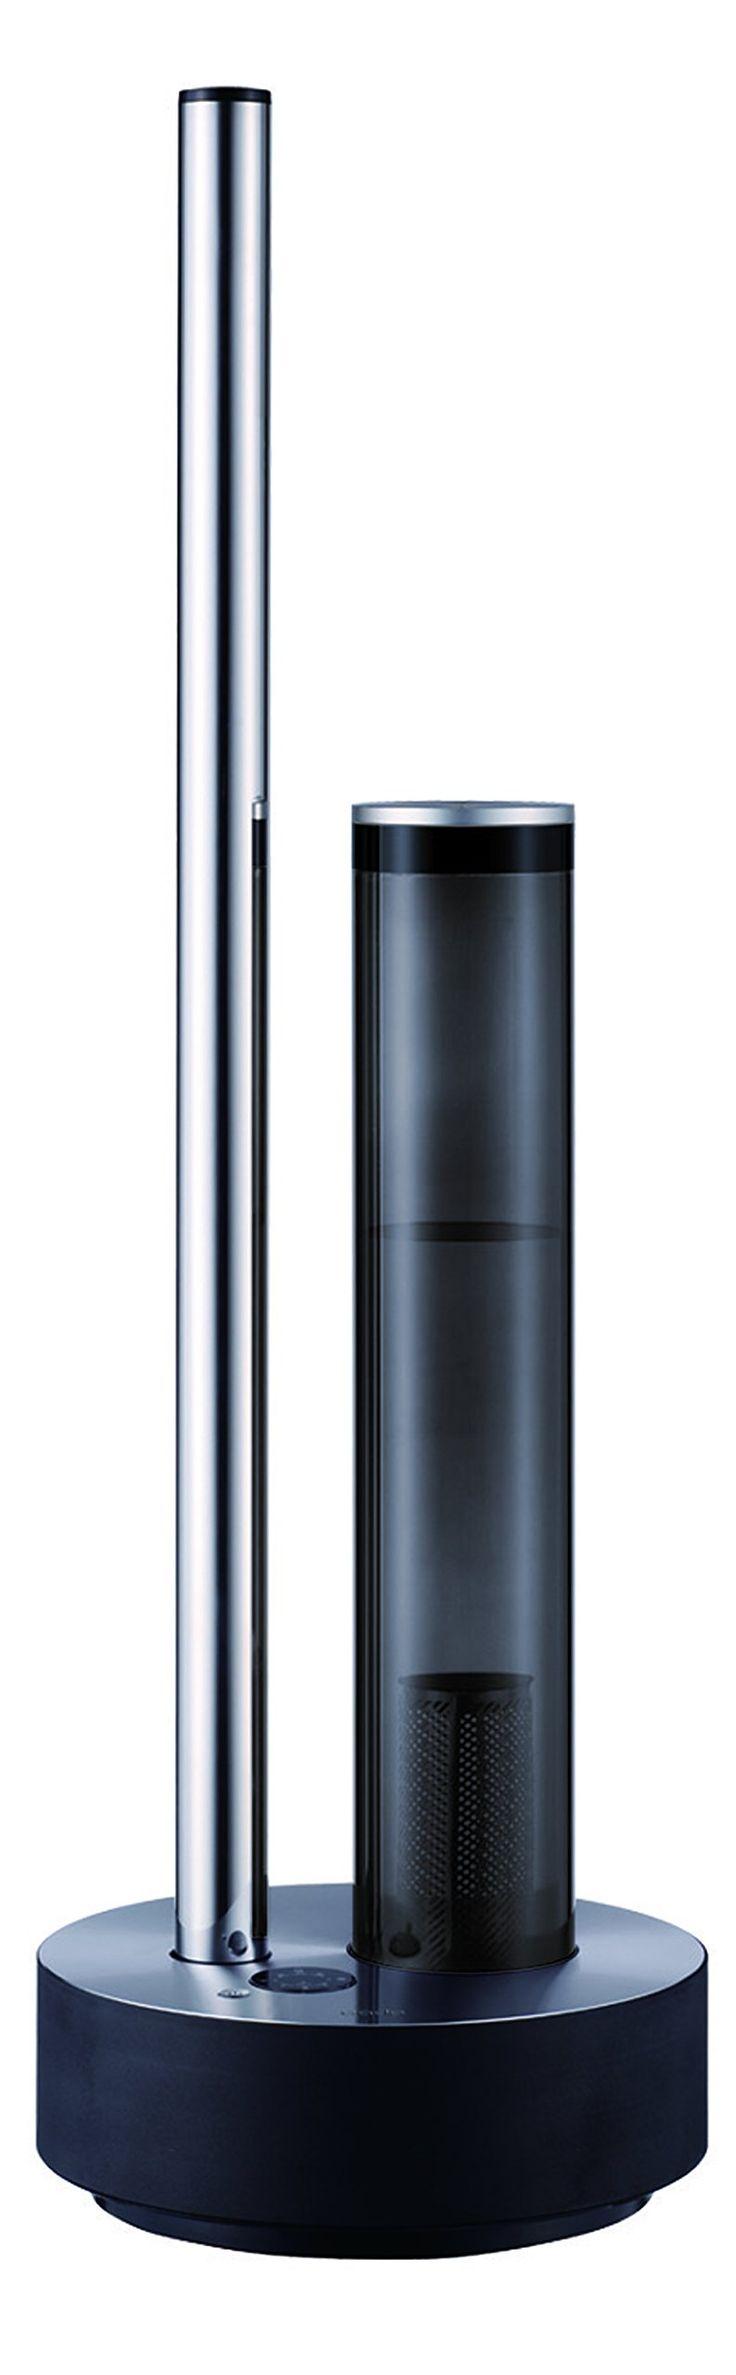 cado カドー加湿器 HM-C600S 17畳対応 (ブラック): ホーム&キッチン